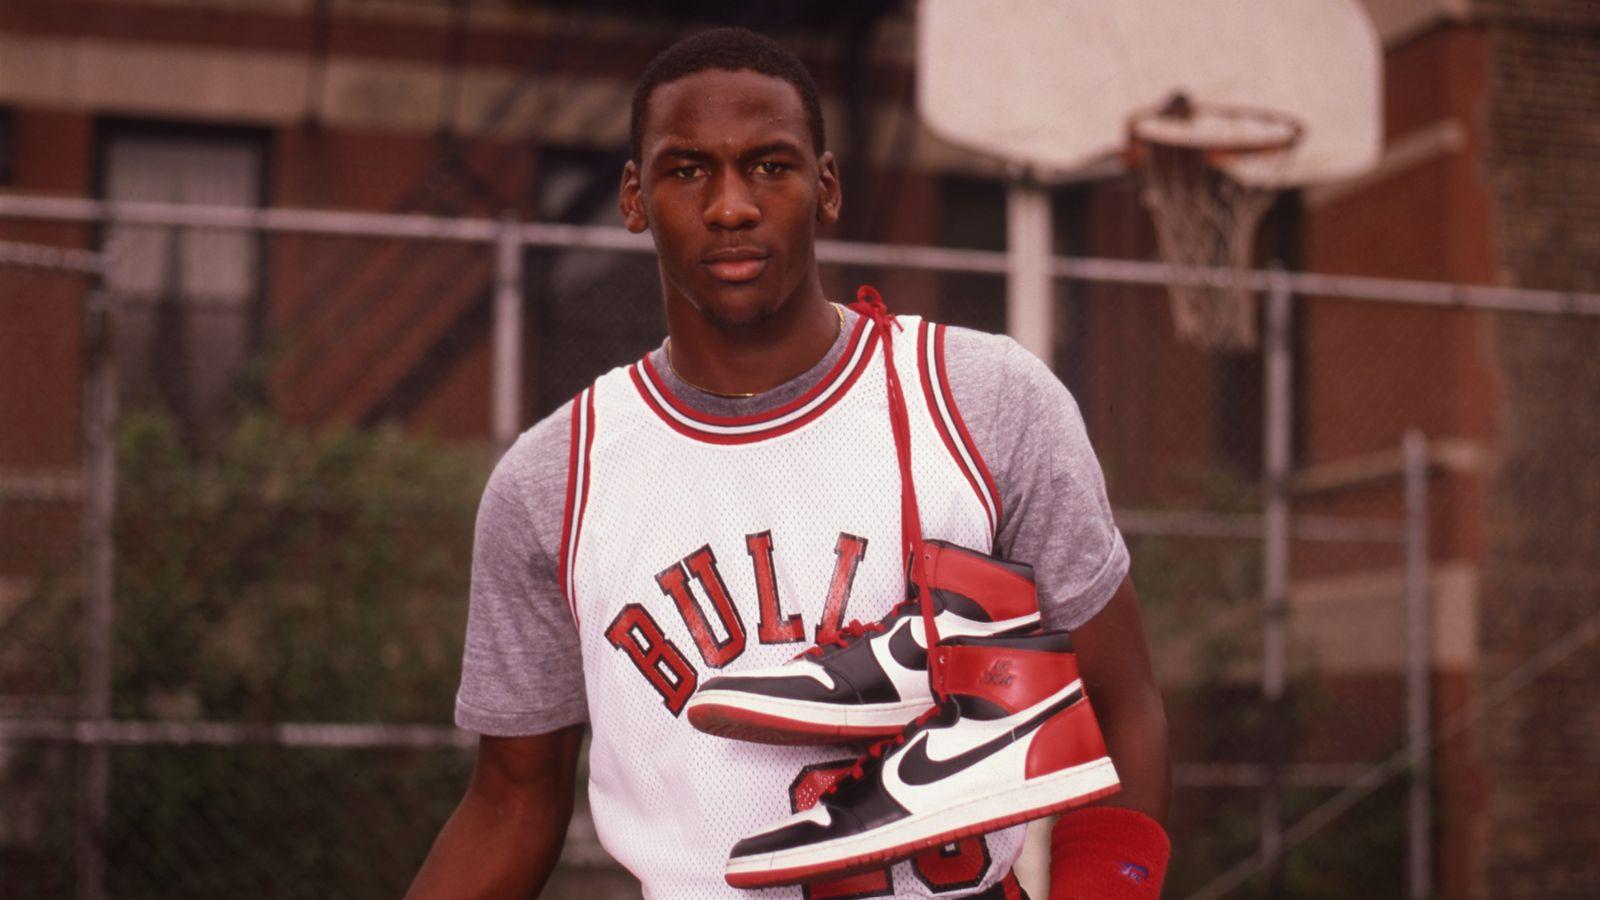 Michael Jordan Nike Earnings